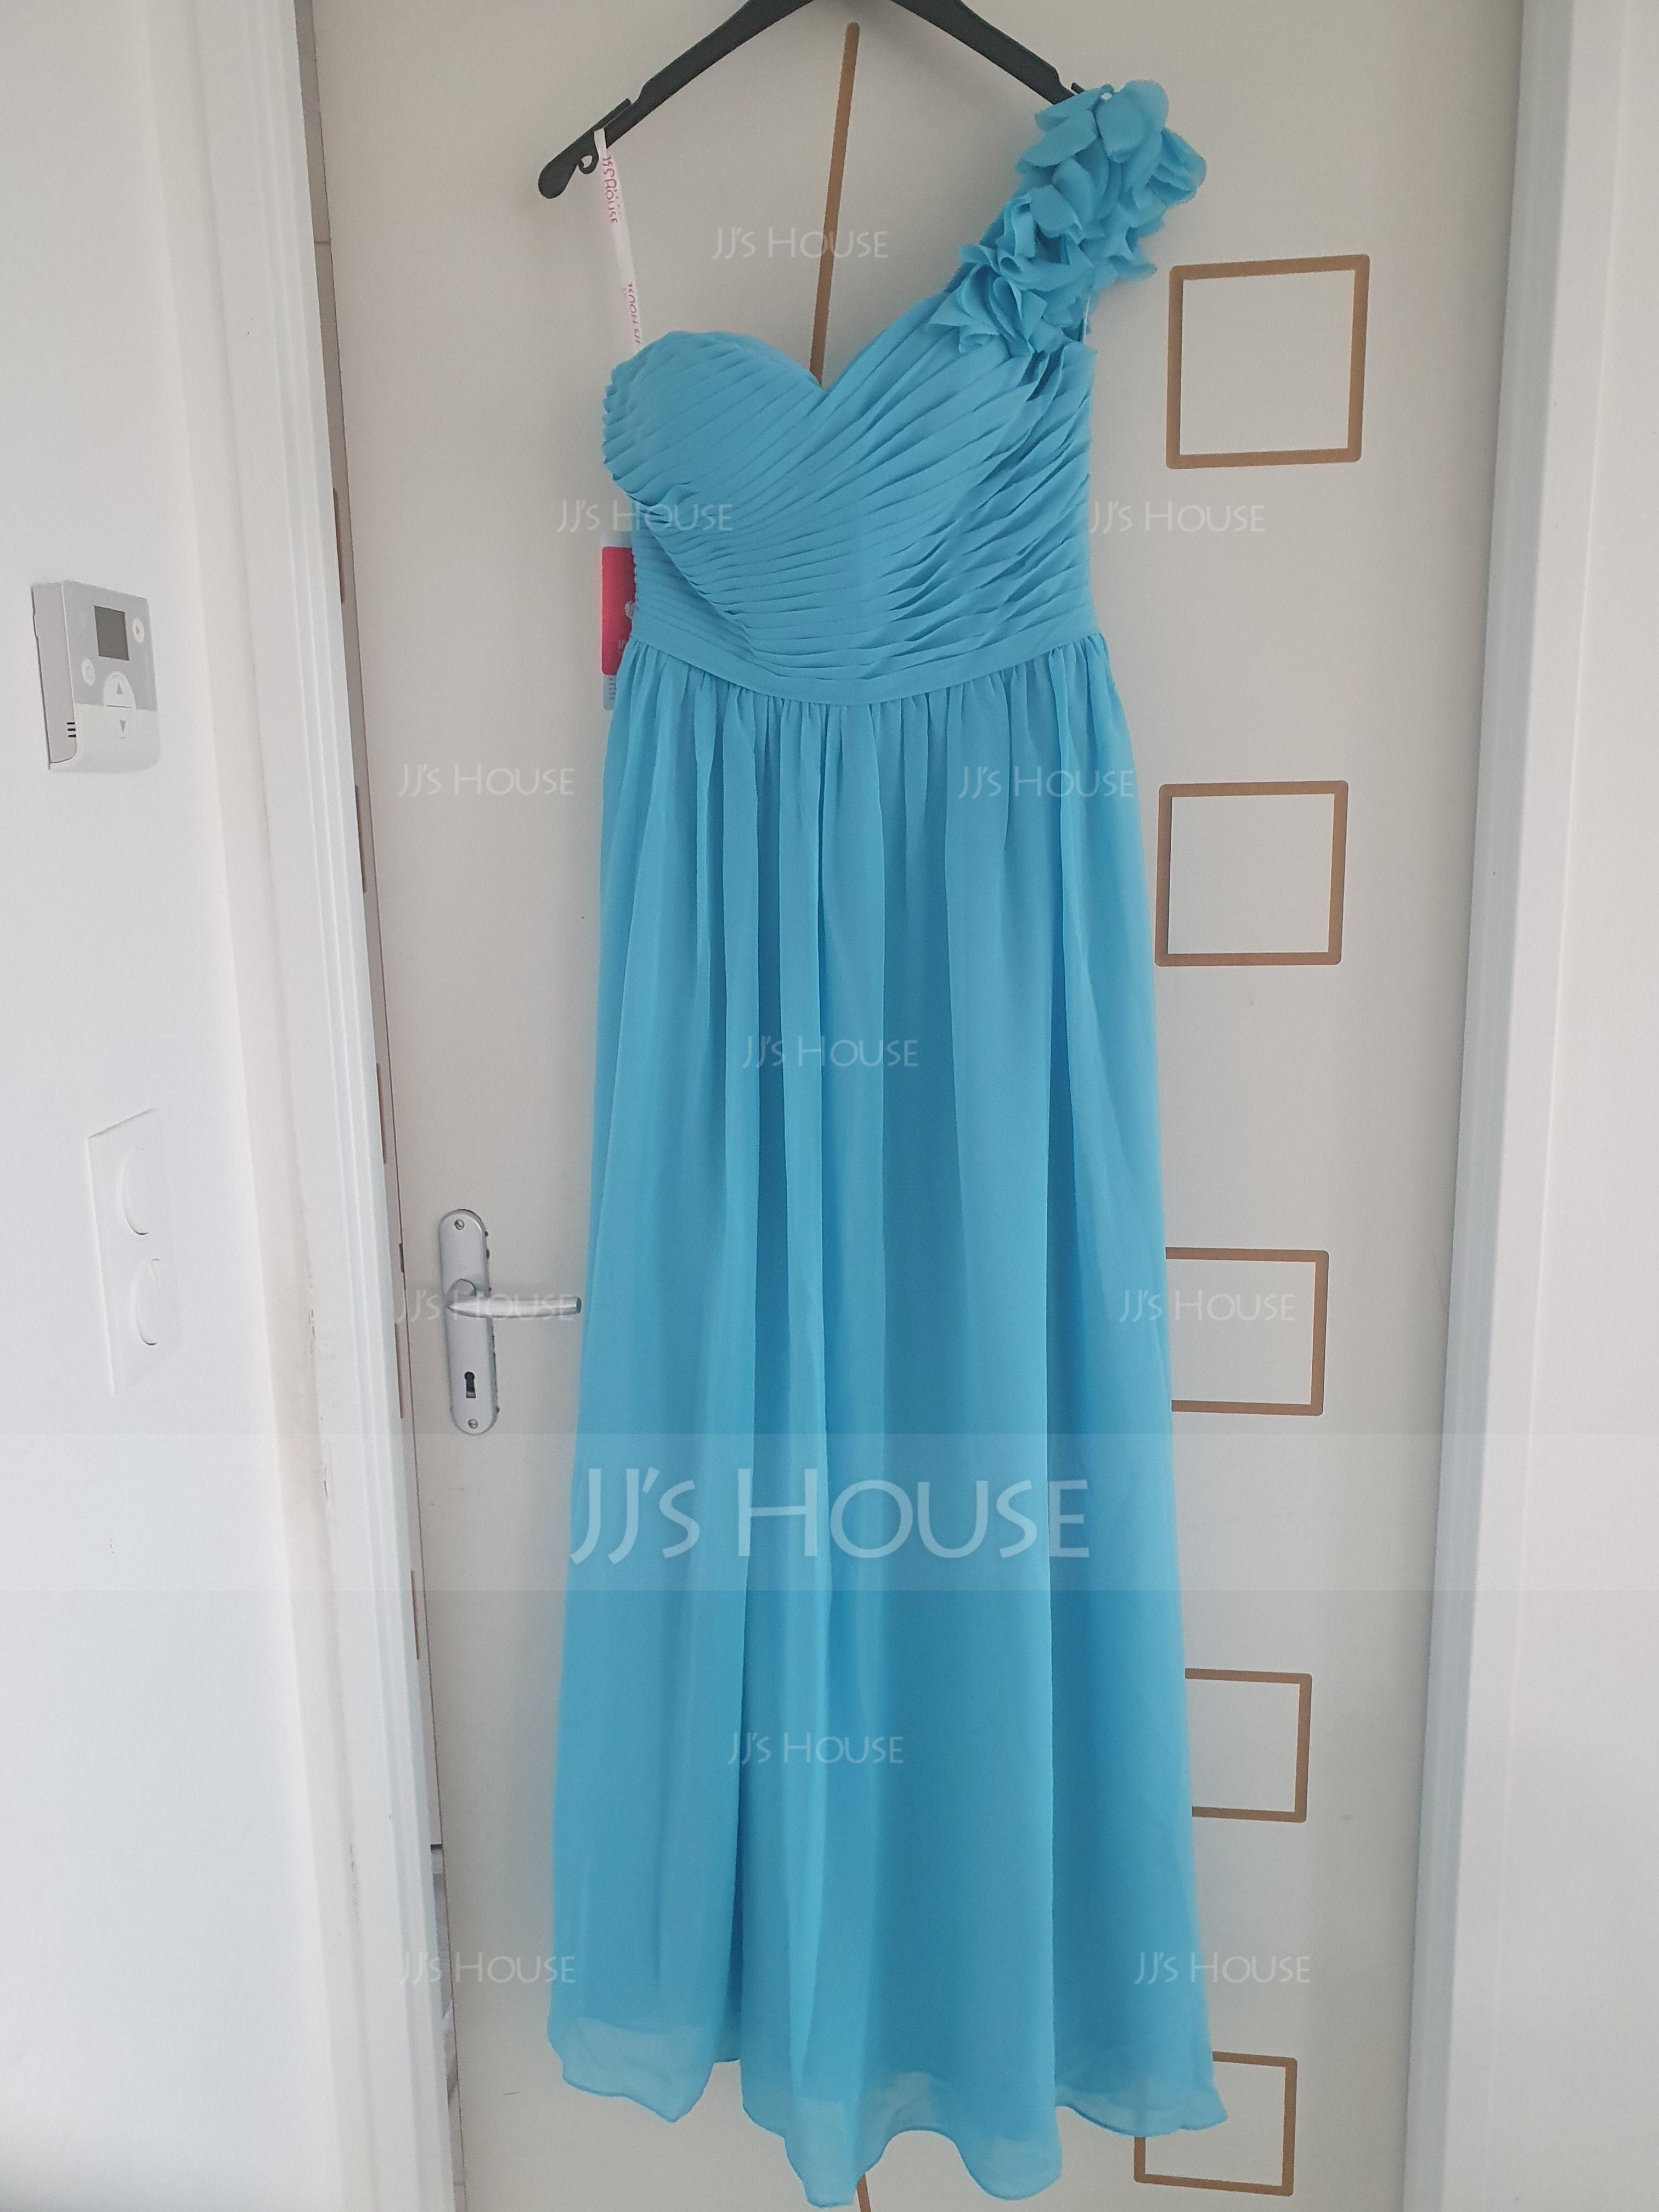 Aライン ワンショルダー マキシレングス シフォン プロム用ドレス とともに ラッフル フラワー